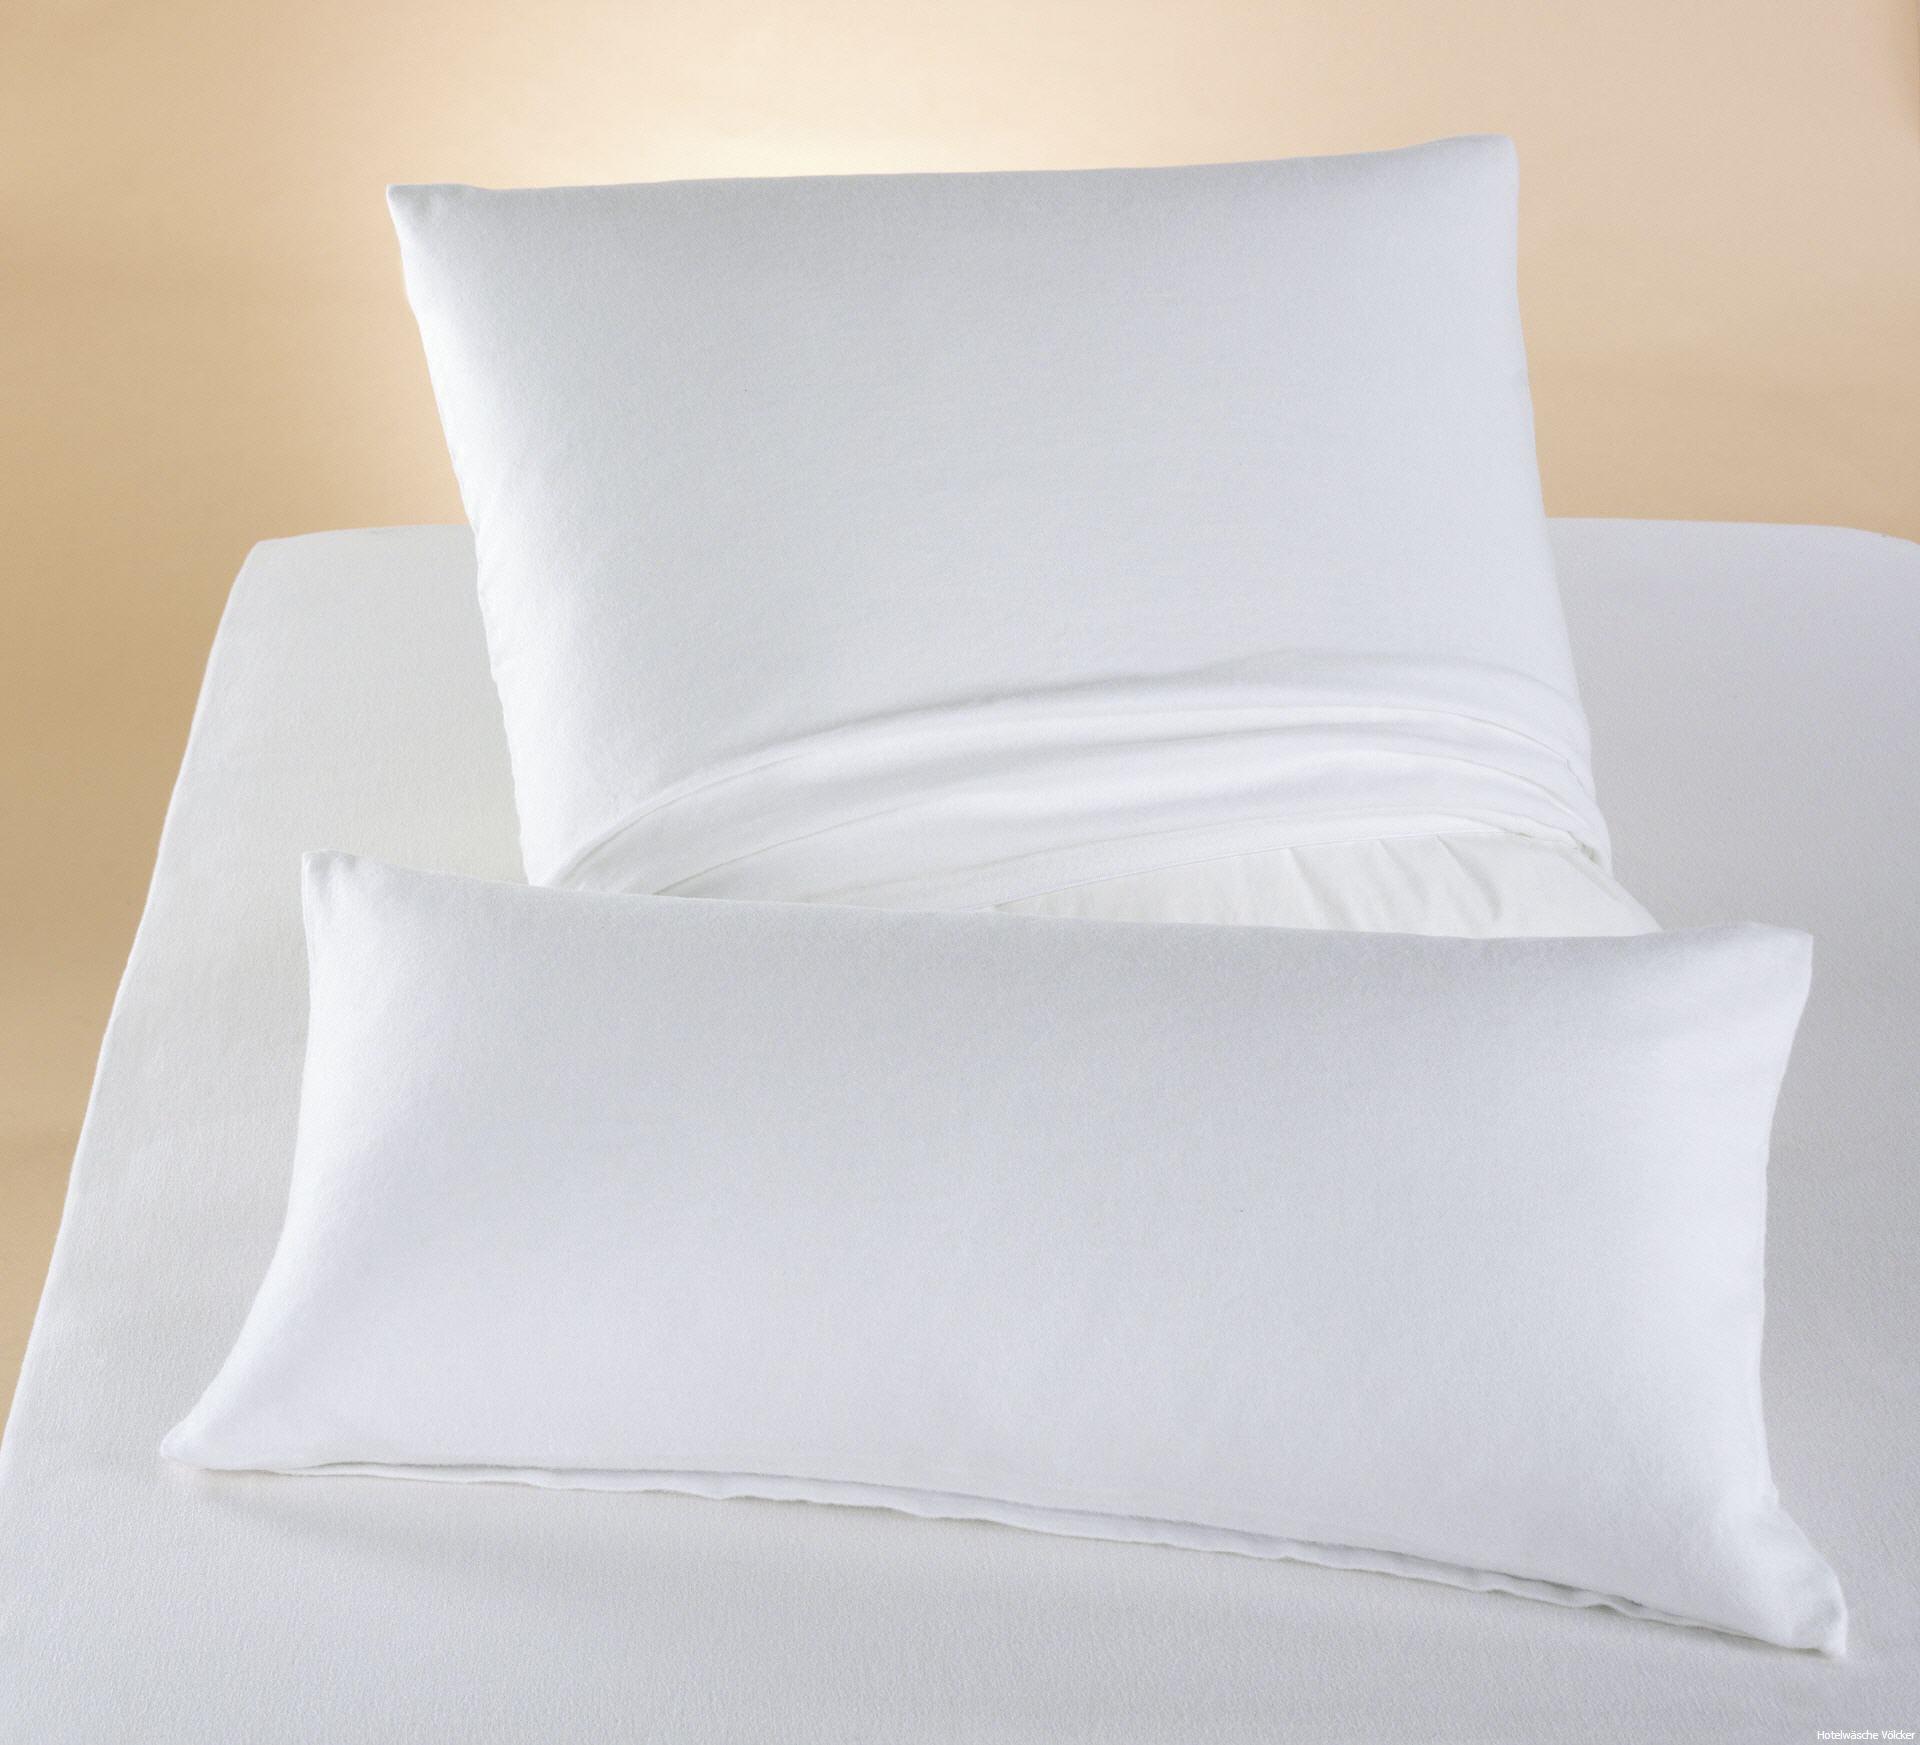 gastrotex ihr gro handel f r professionelle hotelw sche bettw sche tischw sche. Black Bedroom Furniture Sets. Home Design Ideas